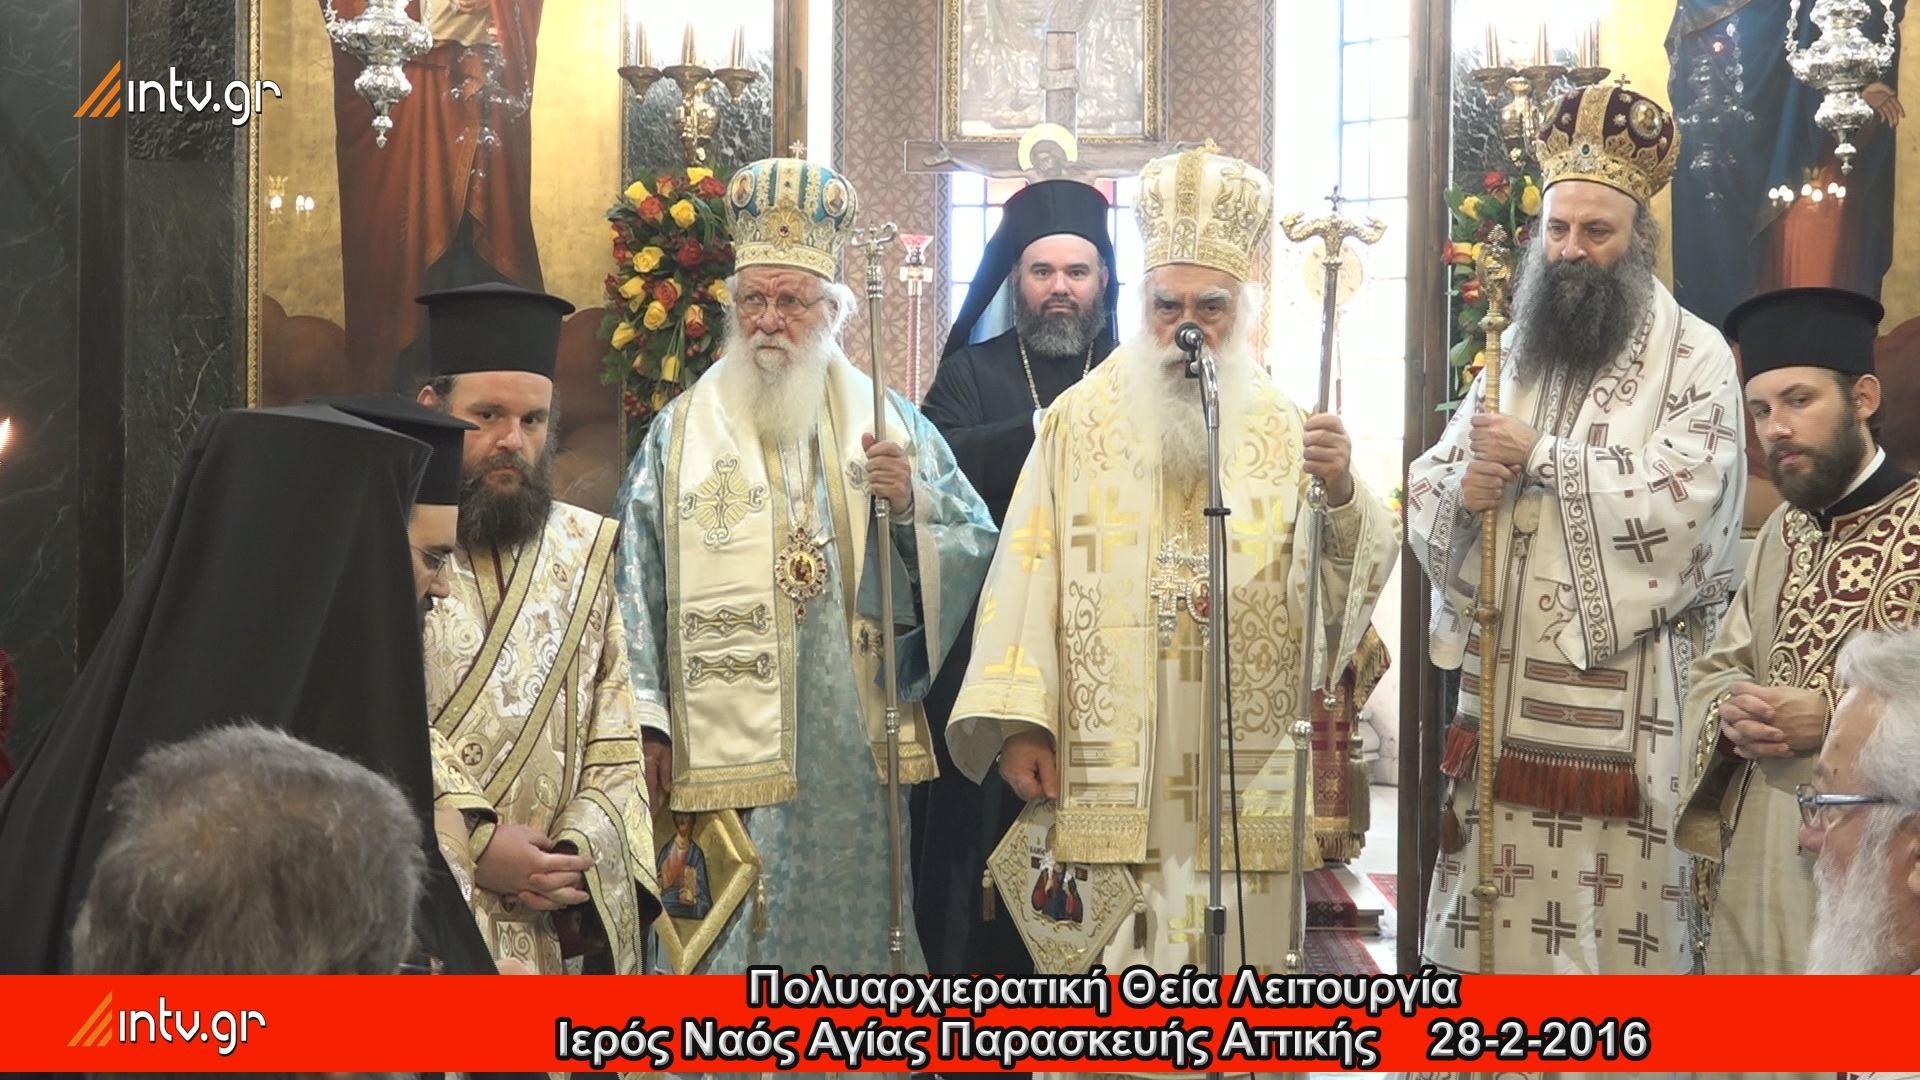 Πολυαρχιερατική Θεία Λειτουργία - Ιερός Ναός Αγίας Παρασκευής Αττικής